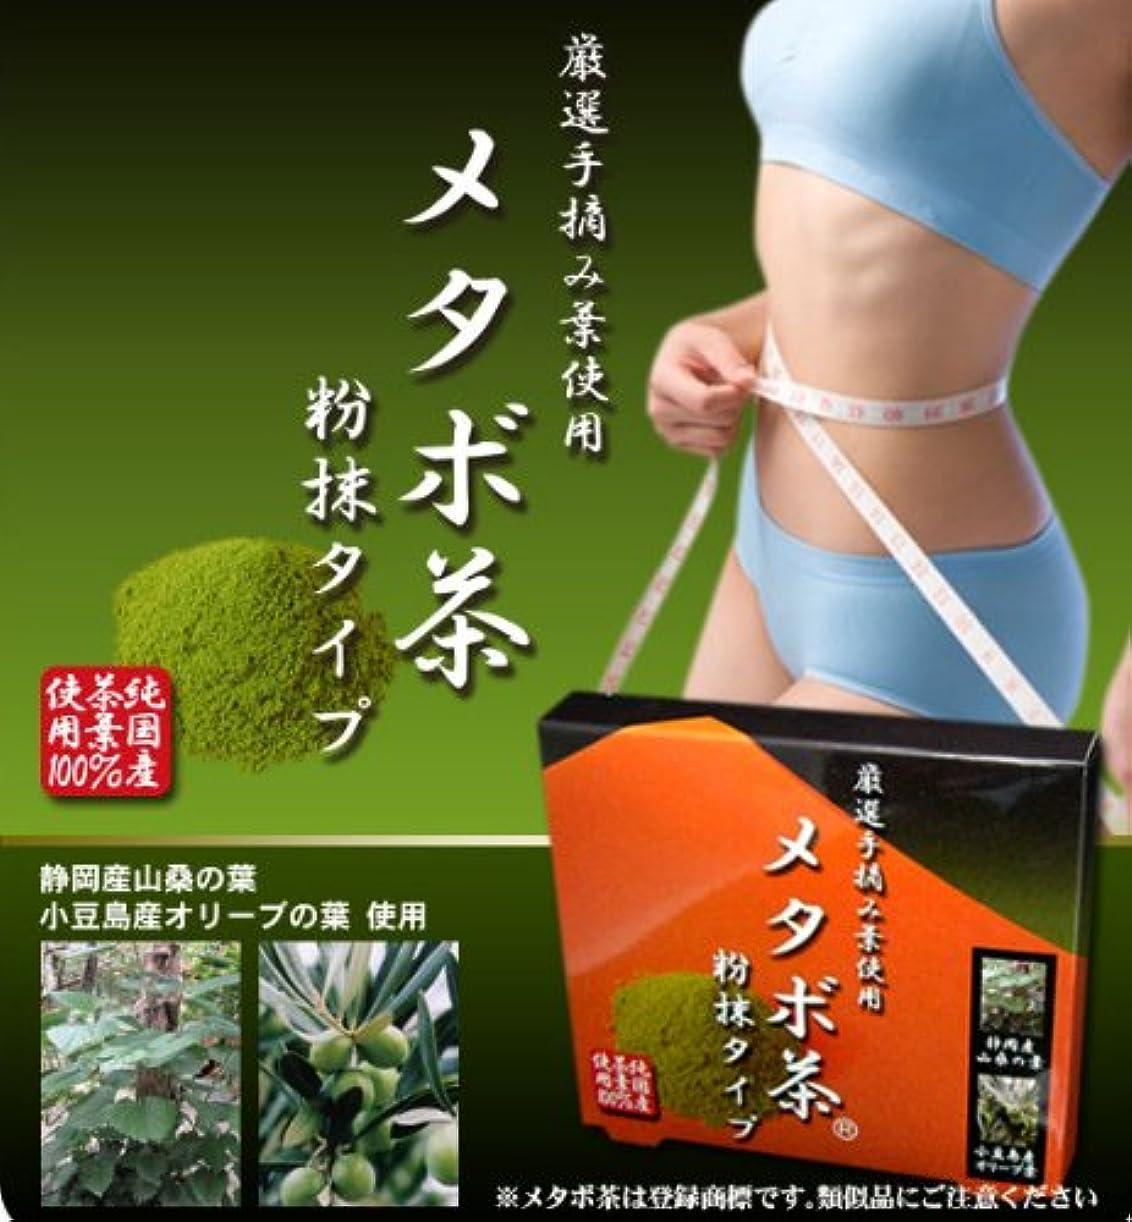 寄稿者浴室吹雪メタボ茶粉抹タイプ 2個セット(完全無農薬 純国産茶葉100%使用ダイエット茶)